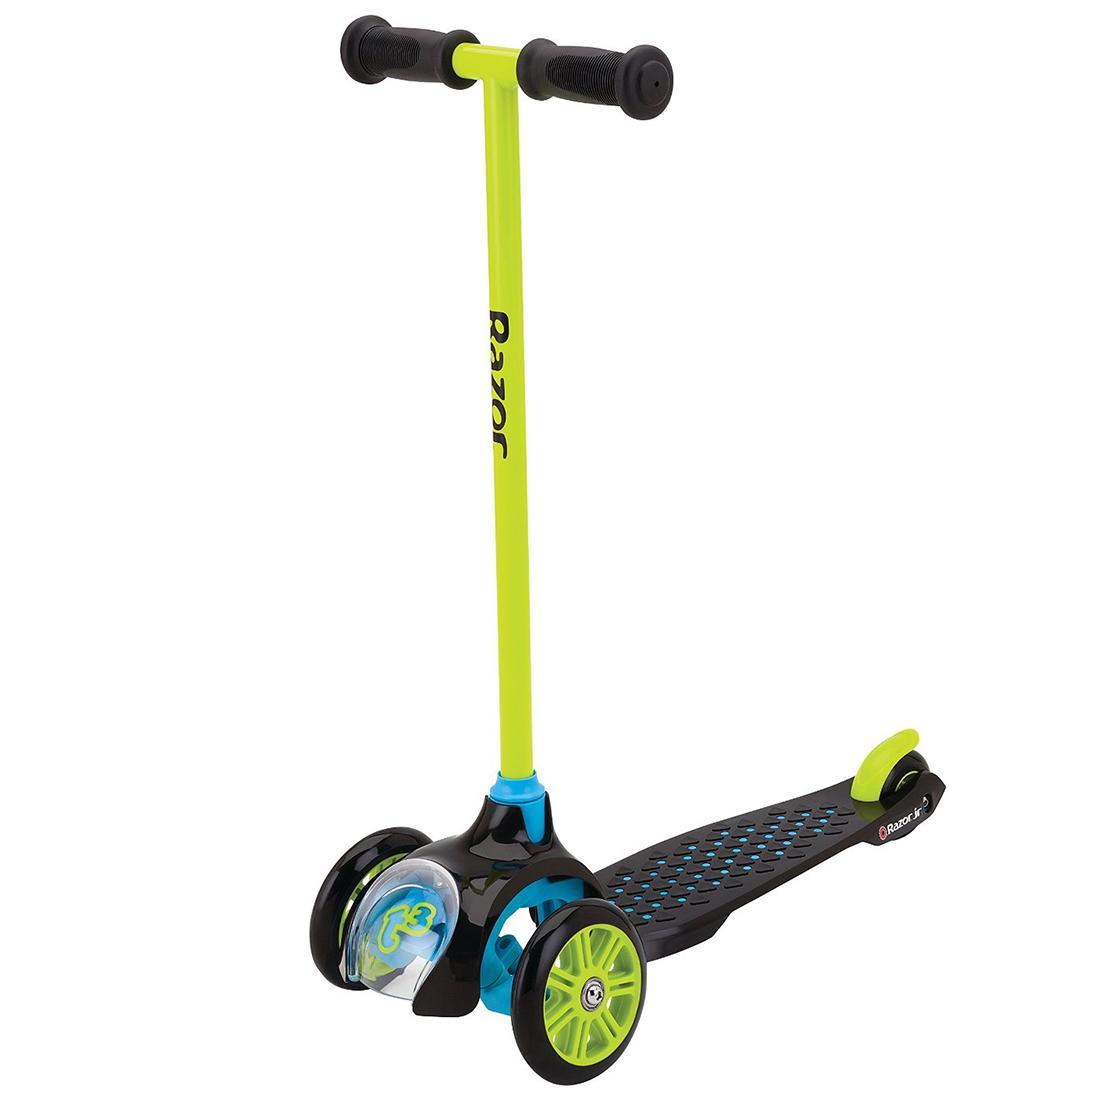 Giá bán Xe trượt Razor Junior T3 Scooter (Xanh)